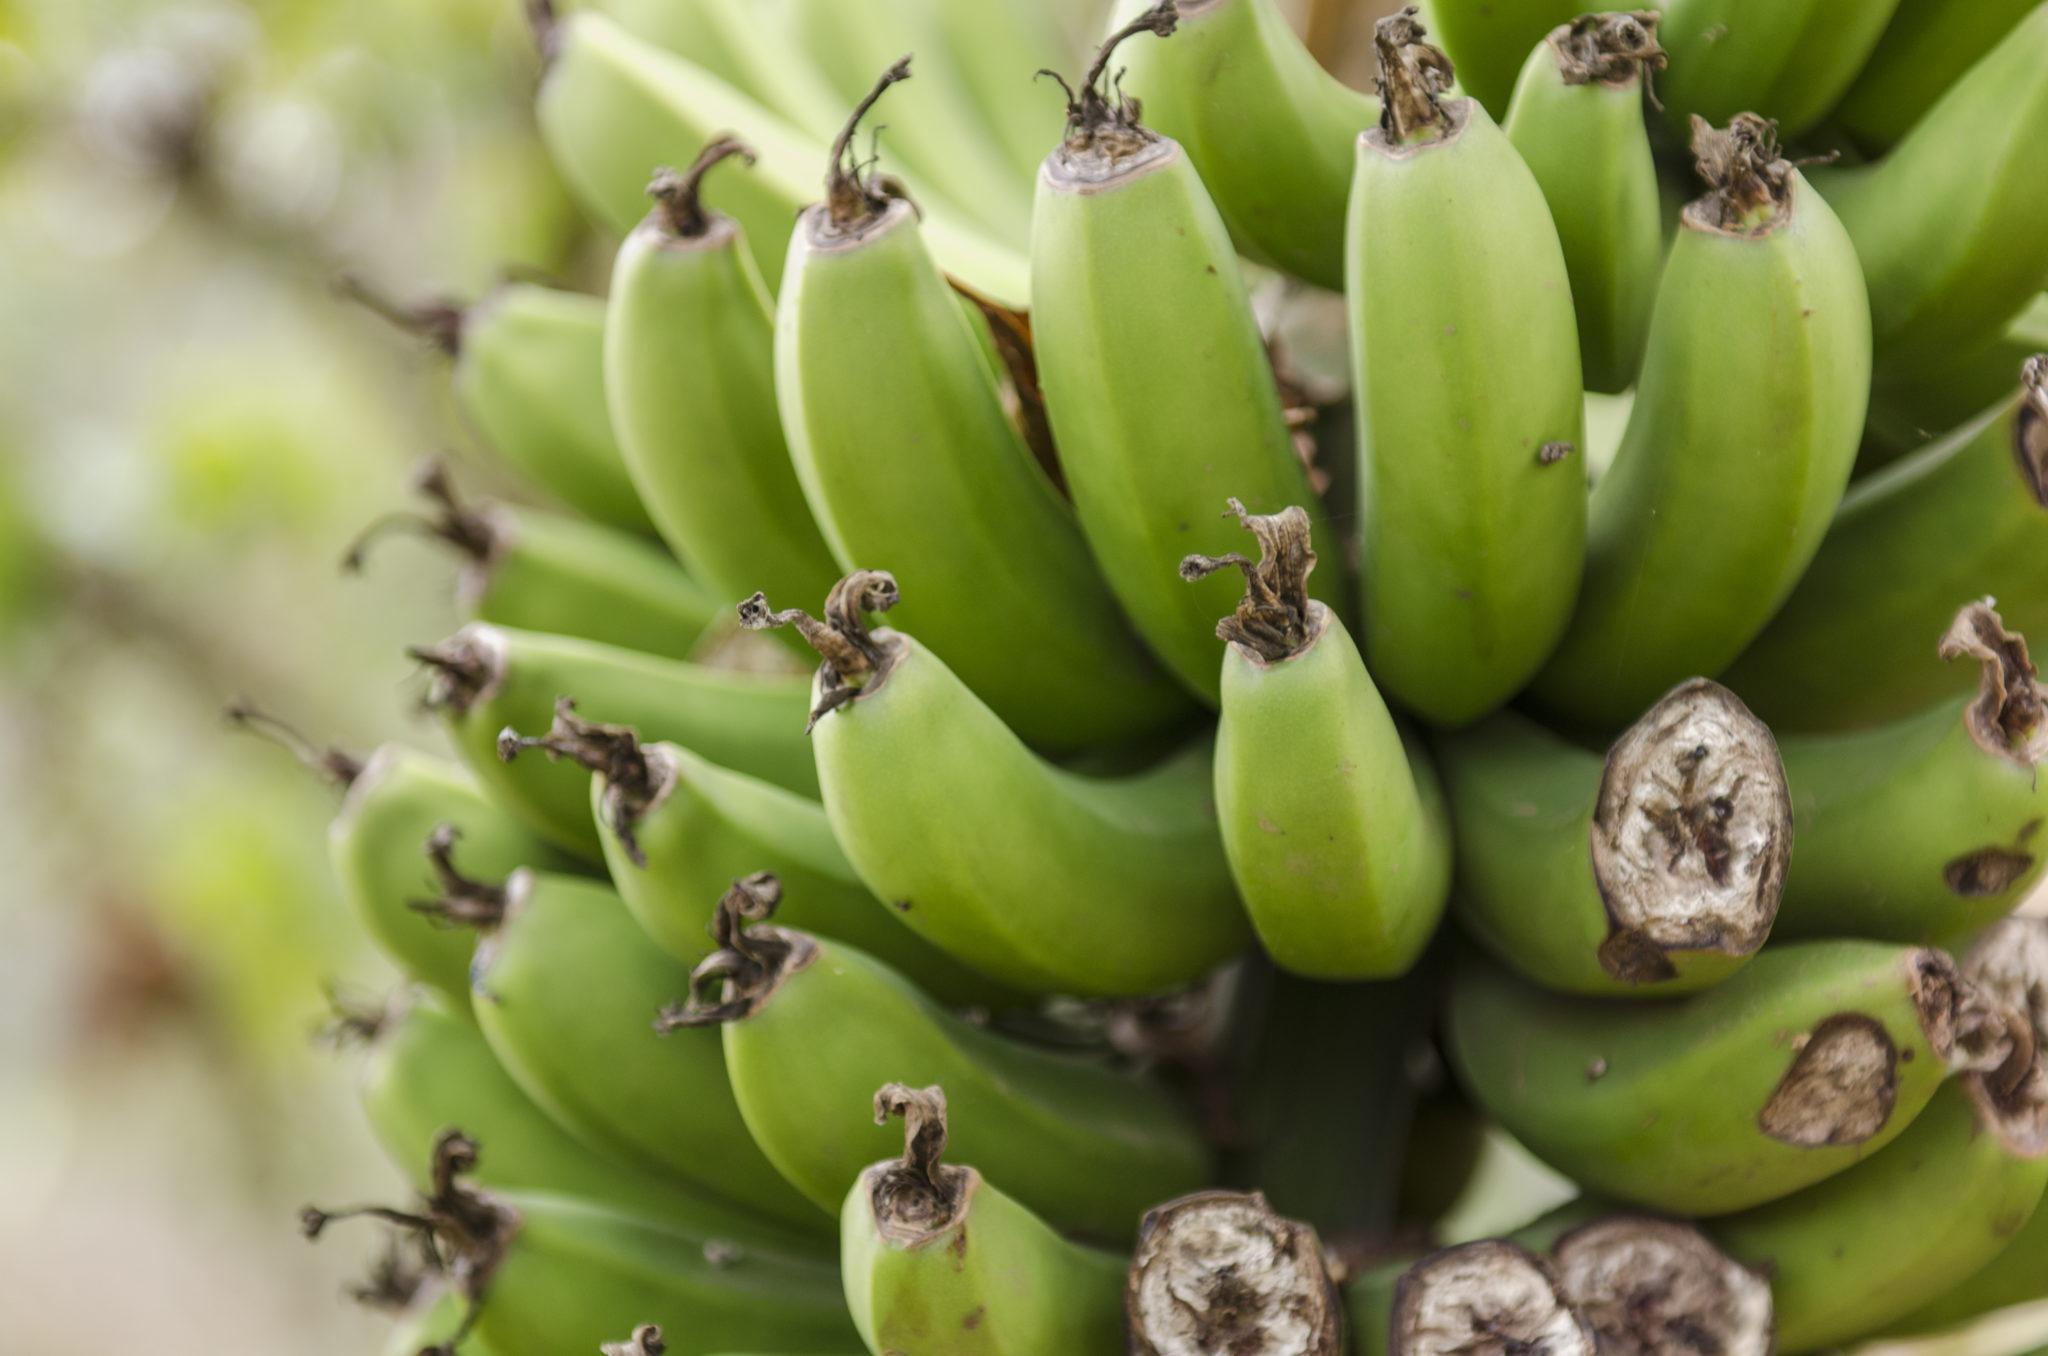 Aethiopien-Sehenswuerdigkeiten-Nahrung-Bananen